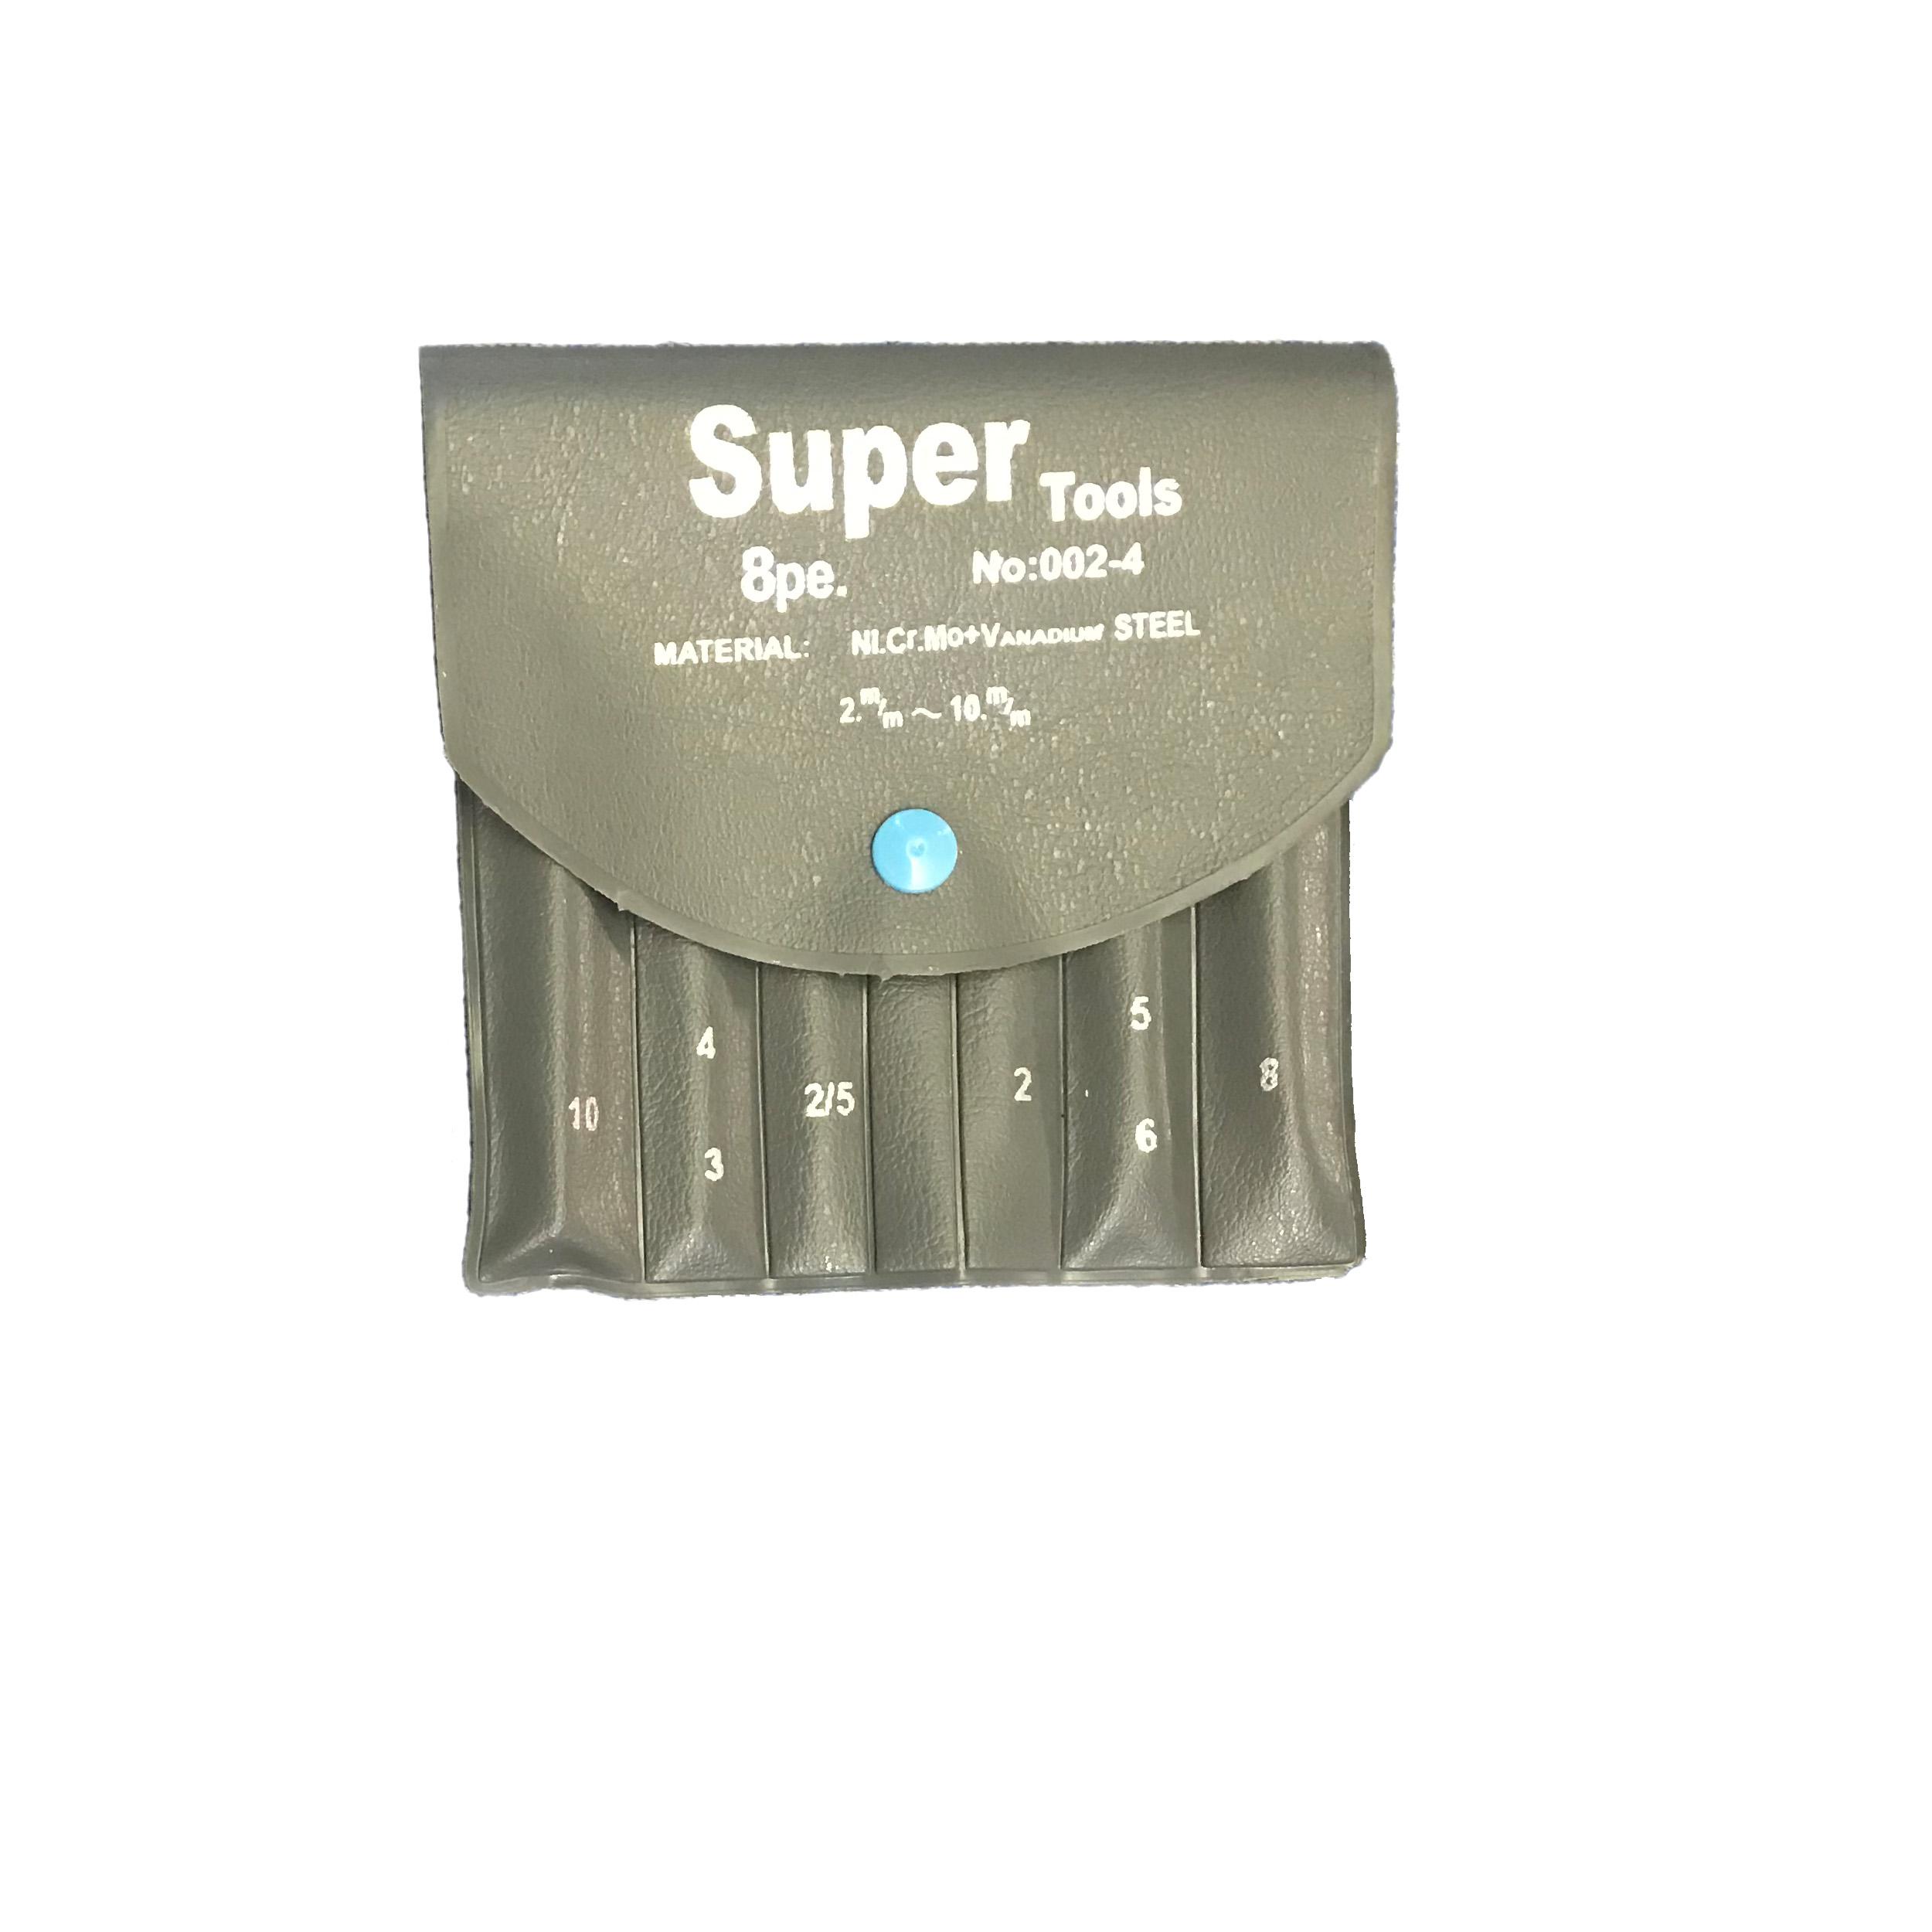 مجموعه 8 عددی آچار آلن سوپرتولز مدل QR-X1